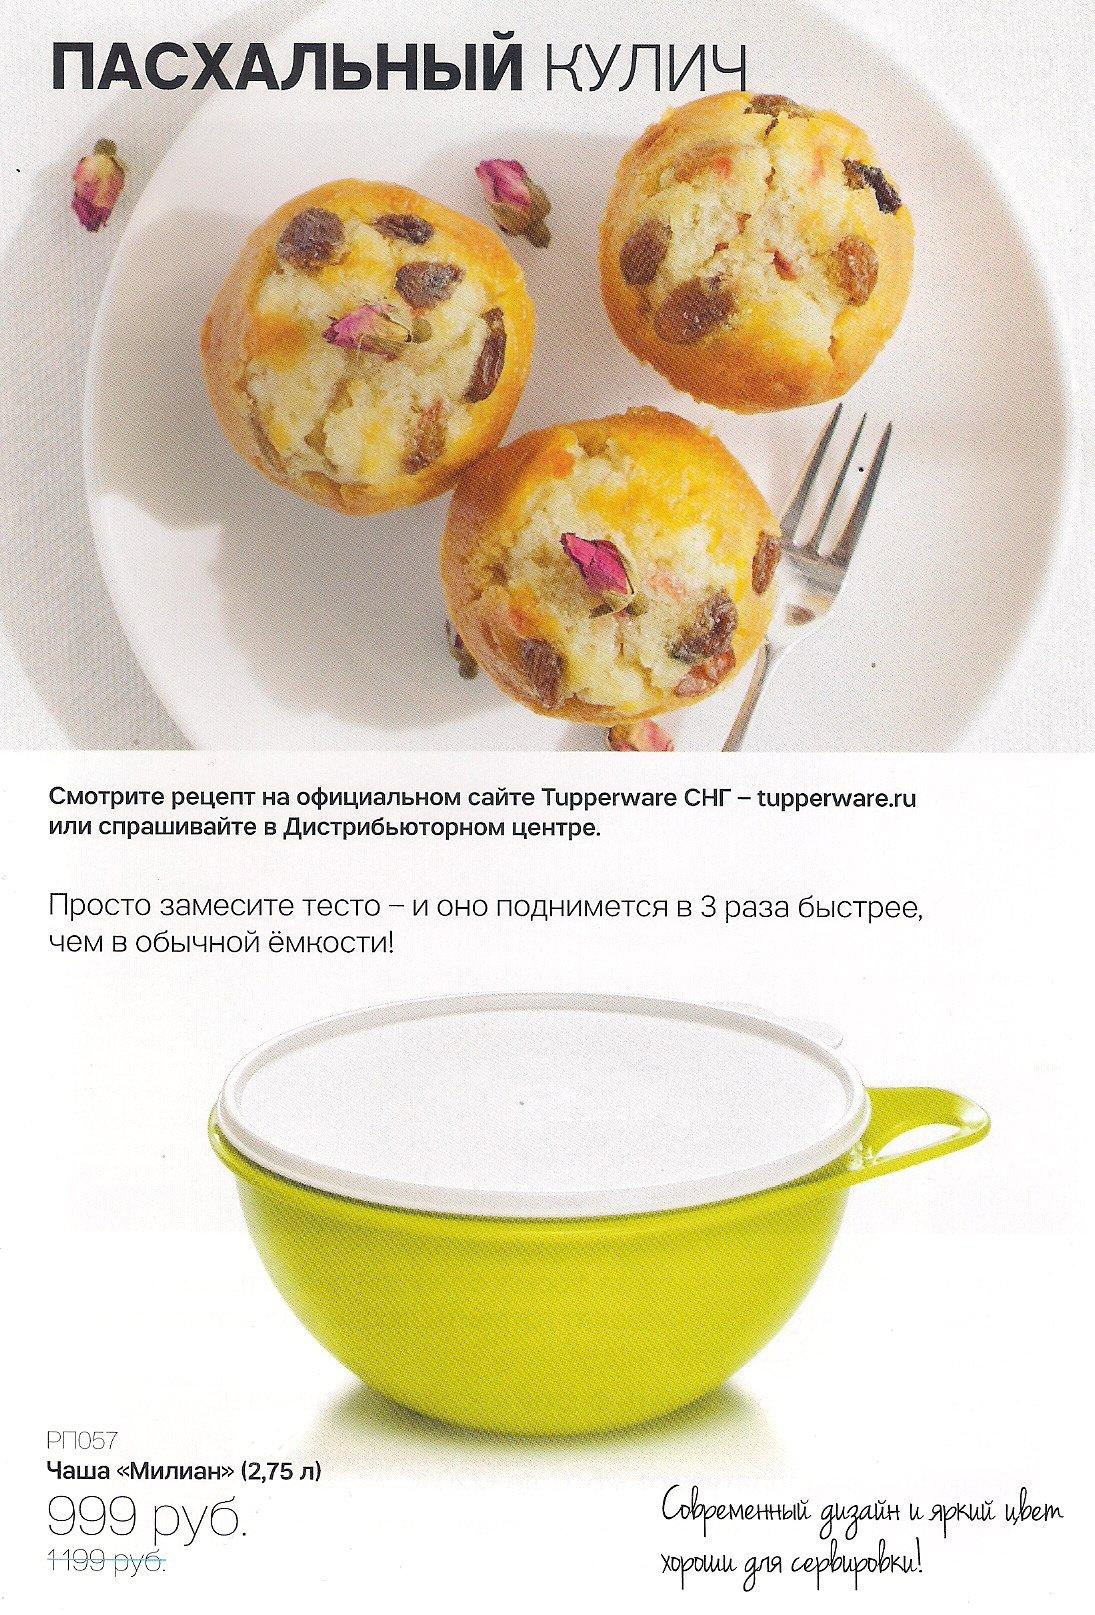 https://tupperware-online.ru/images/upload/15H.jpg